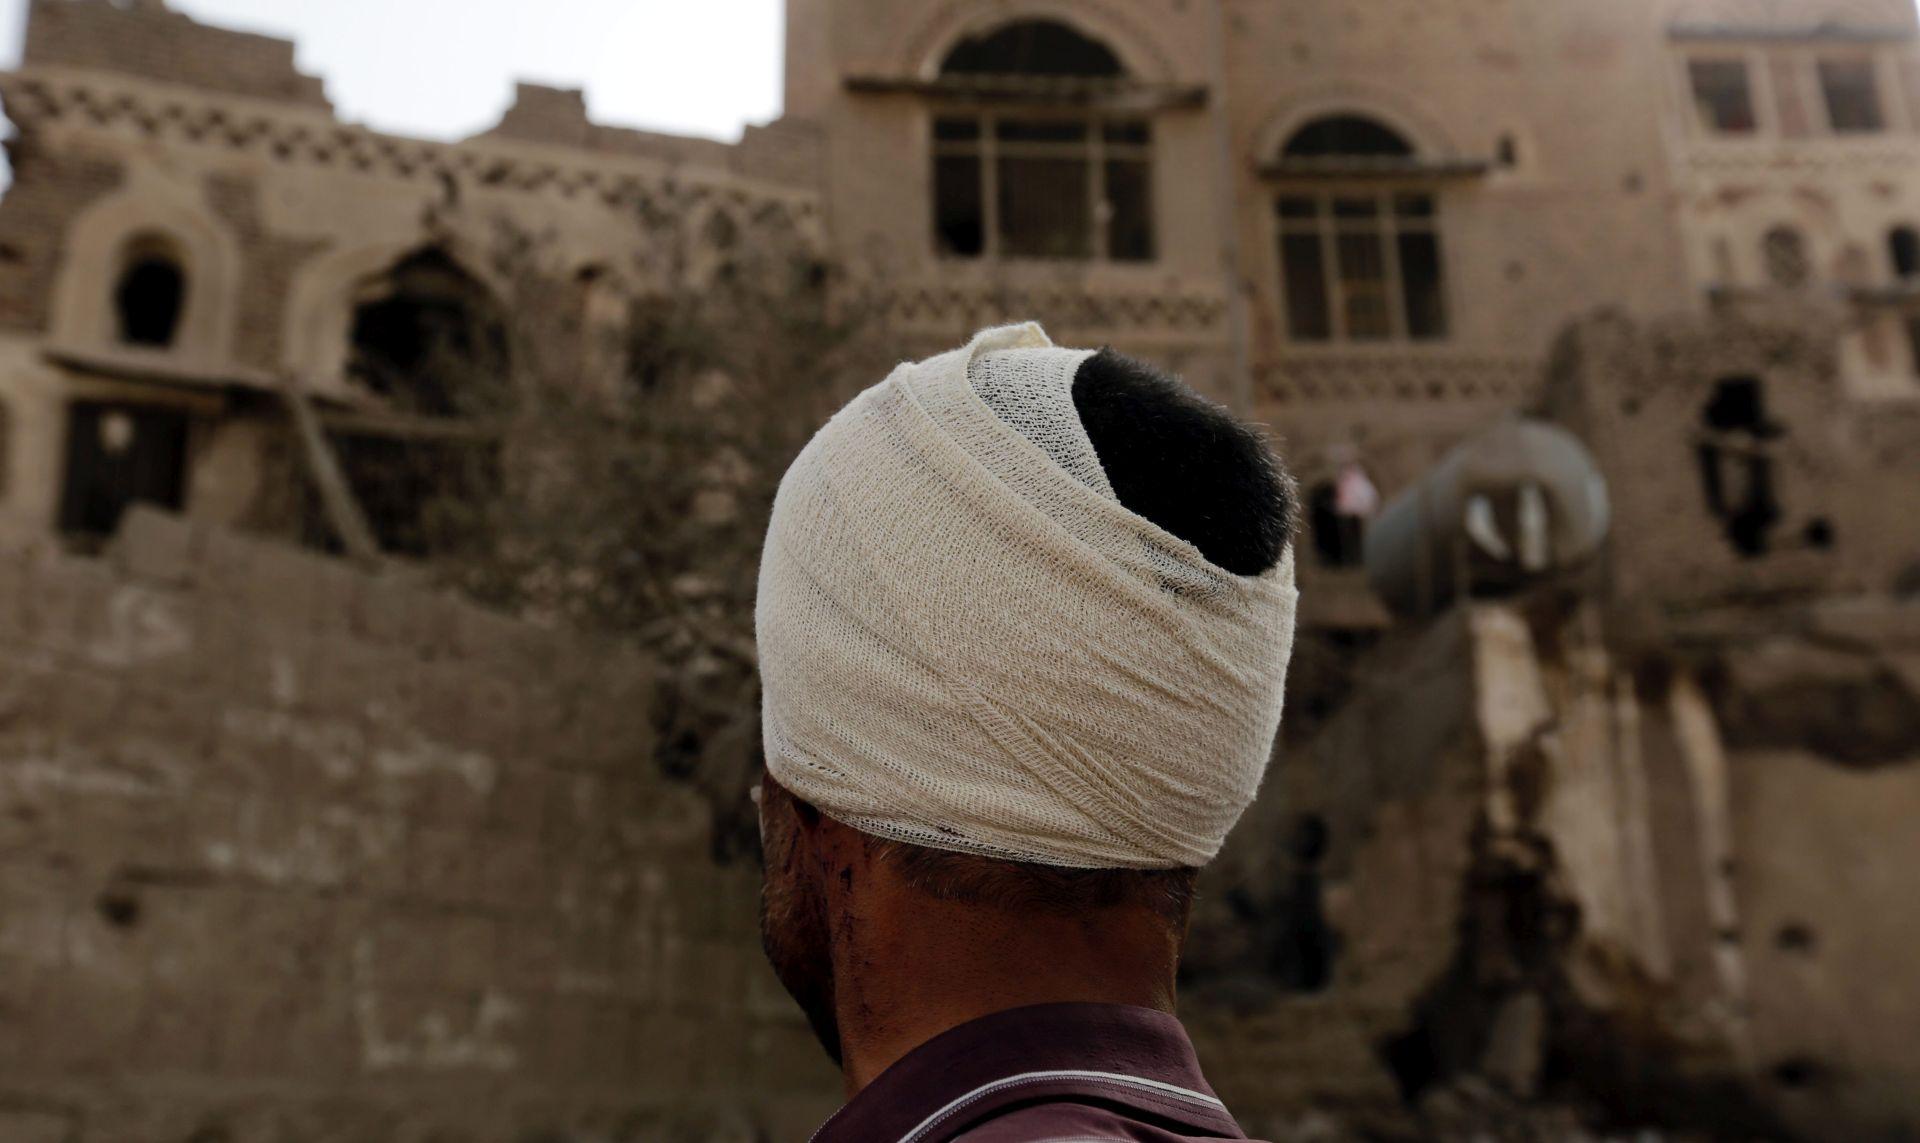 KOALICIJA NE PREUZIMA ODGOVORNOST Broj poginulih u zračnom napadu u Jemenu porastao na 131